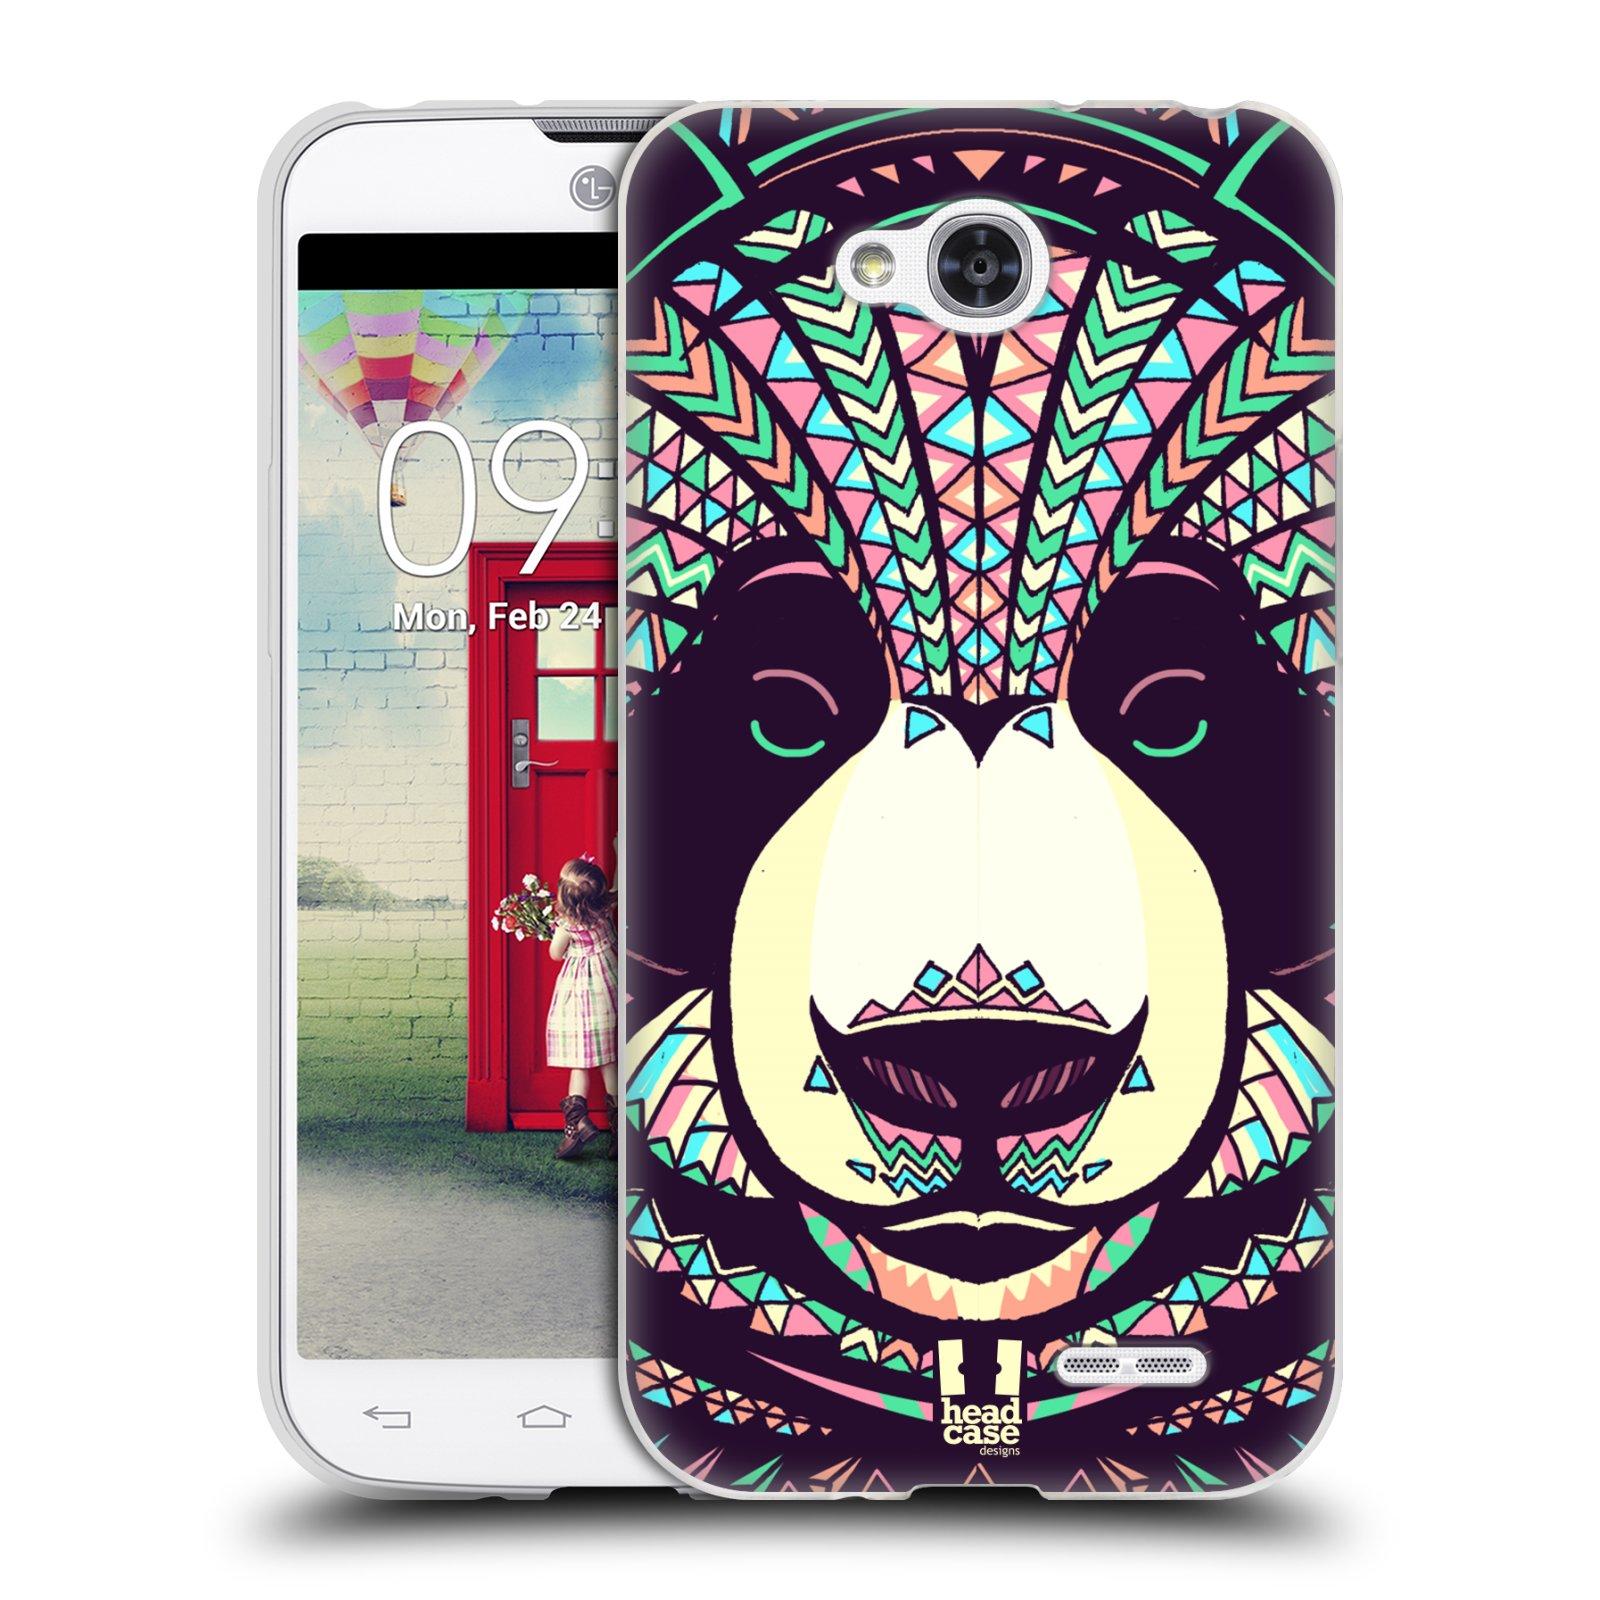 Silikonové pouzdro na mobil LG L90 HEAD CASE AZTEC PANDA (Silikonový kryt či obal na mobilní telefon LG L90 D405n)